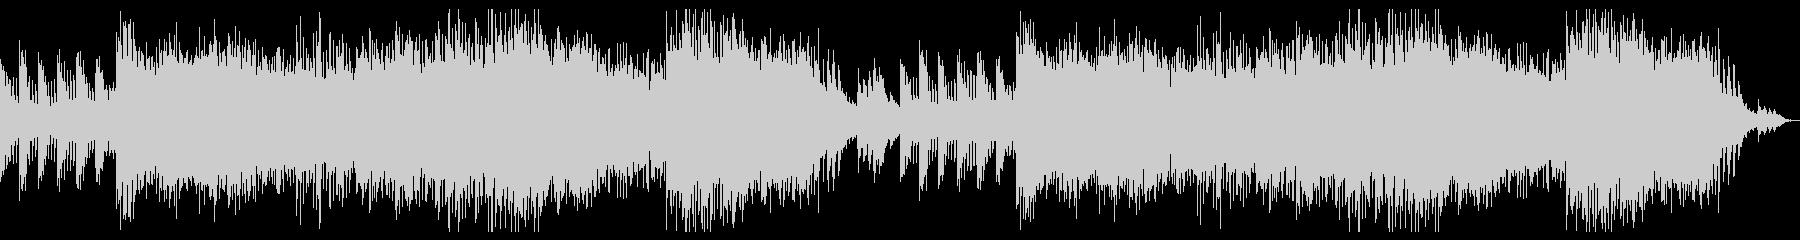 神秘的なダンジョン・クリスタル・洞窟の曲の未再生の波形